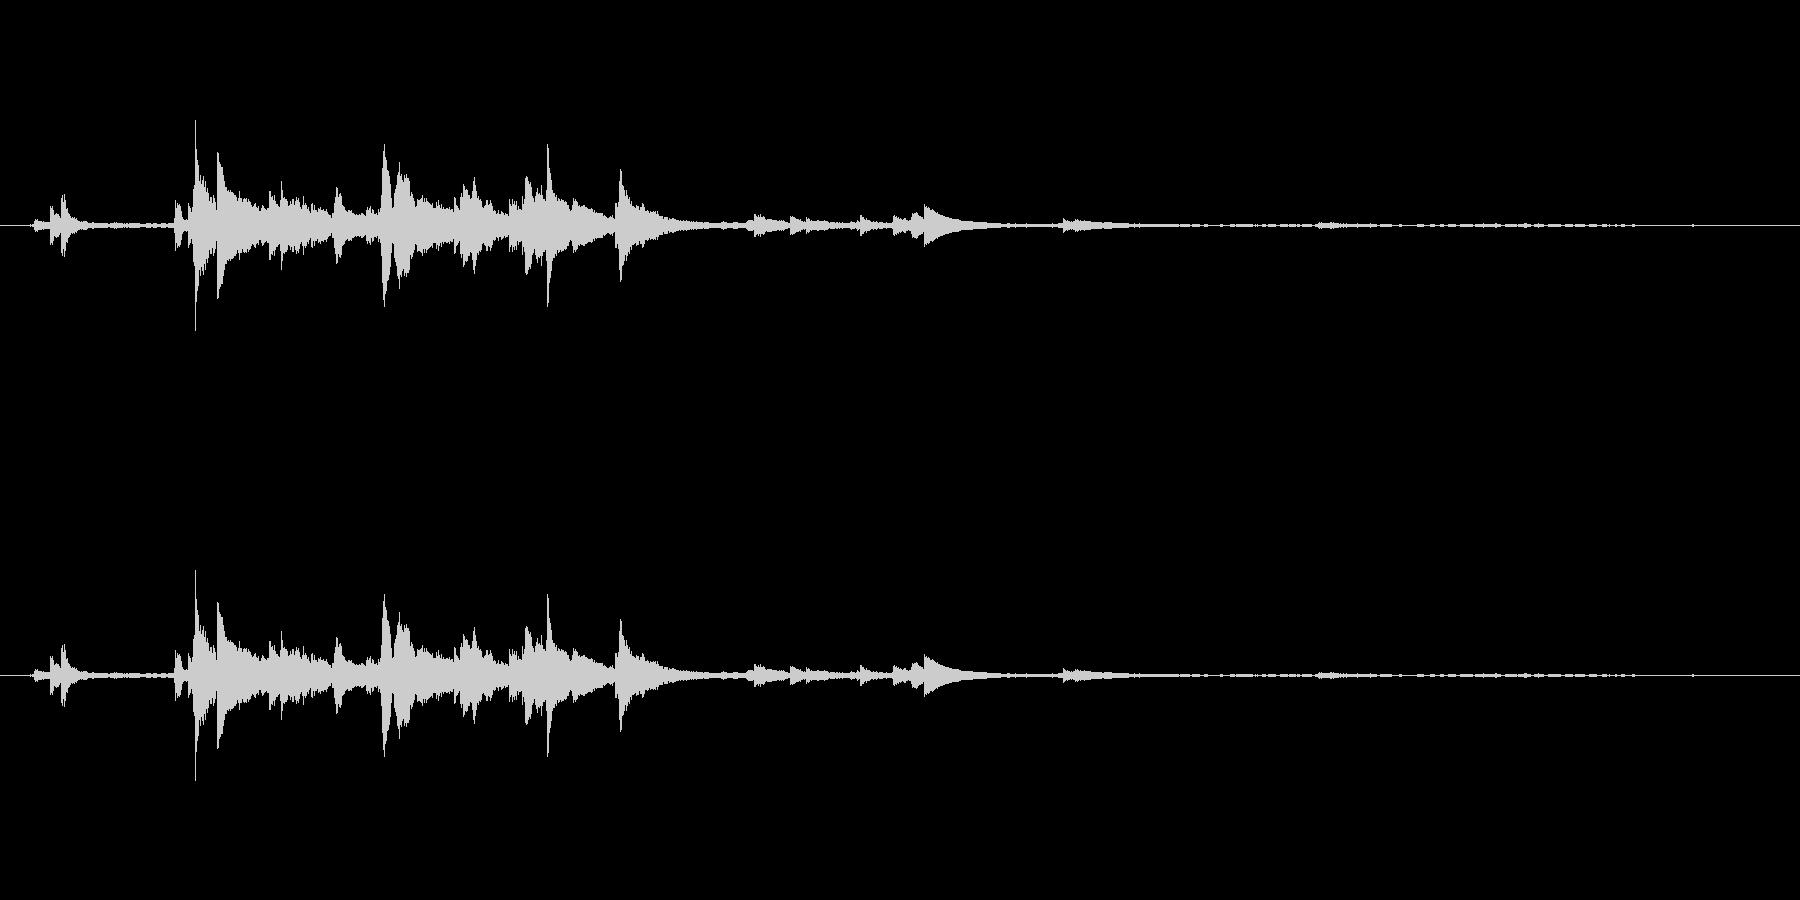 メタル 風鈴鳴る04の未再生の波形